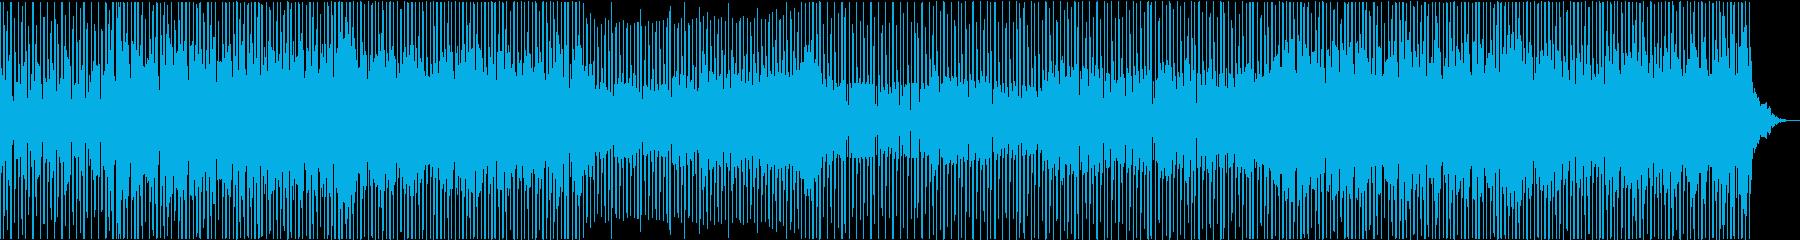 ピアノ 企業 サンプル シンプル ハウスの再生済みの波形